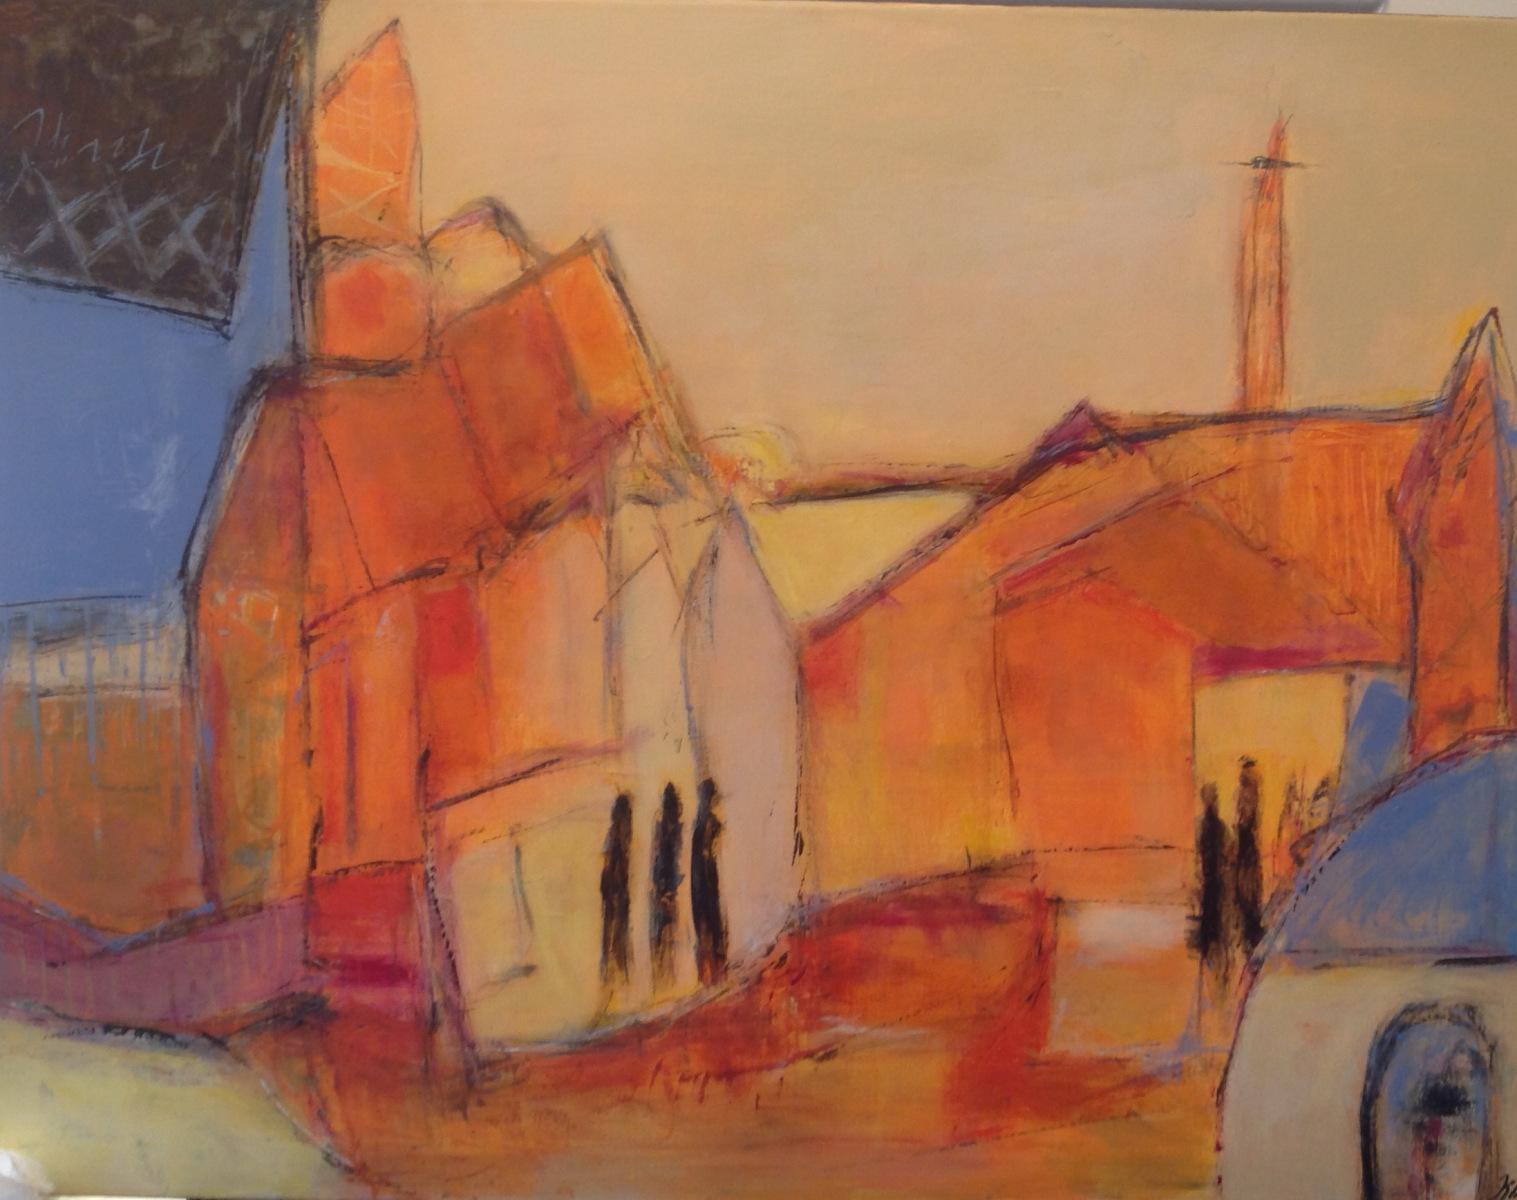 Byen solgt fra udstilling i Stenvad